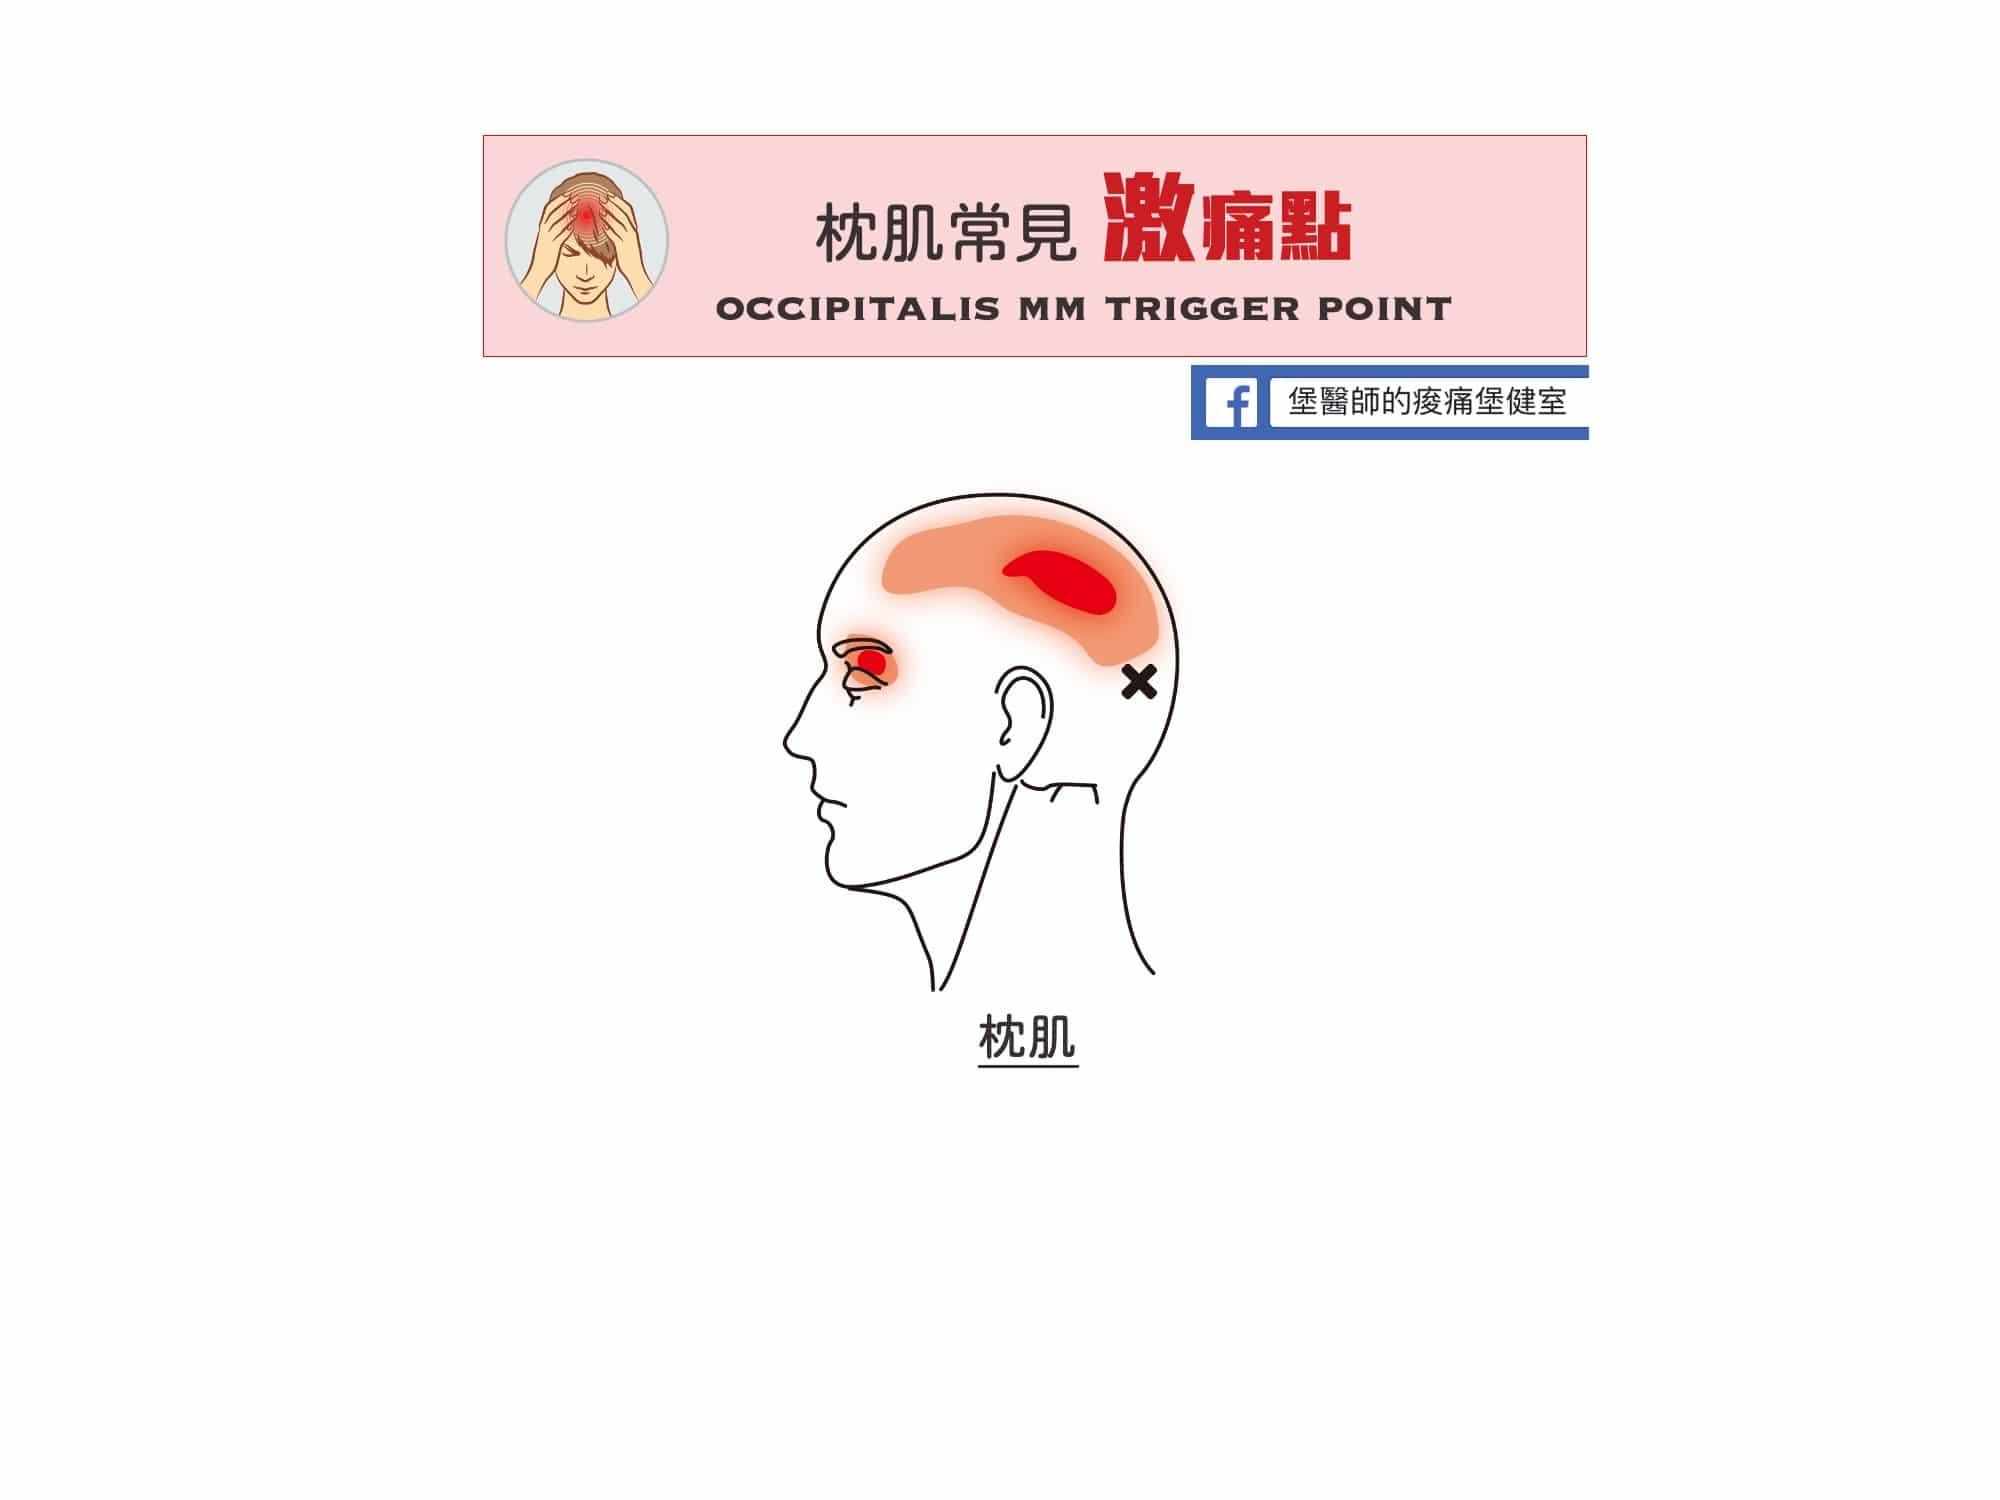 頭痛-枕肌常見激痛點